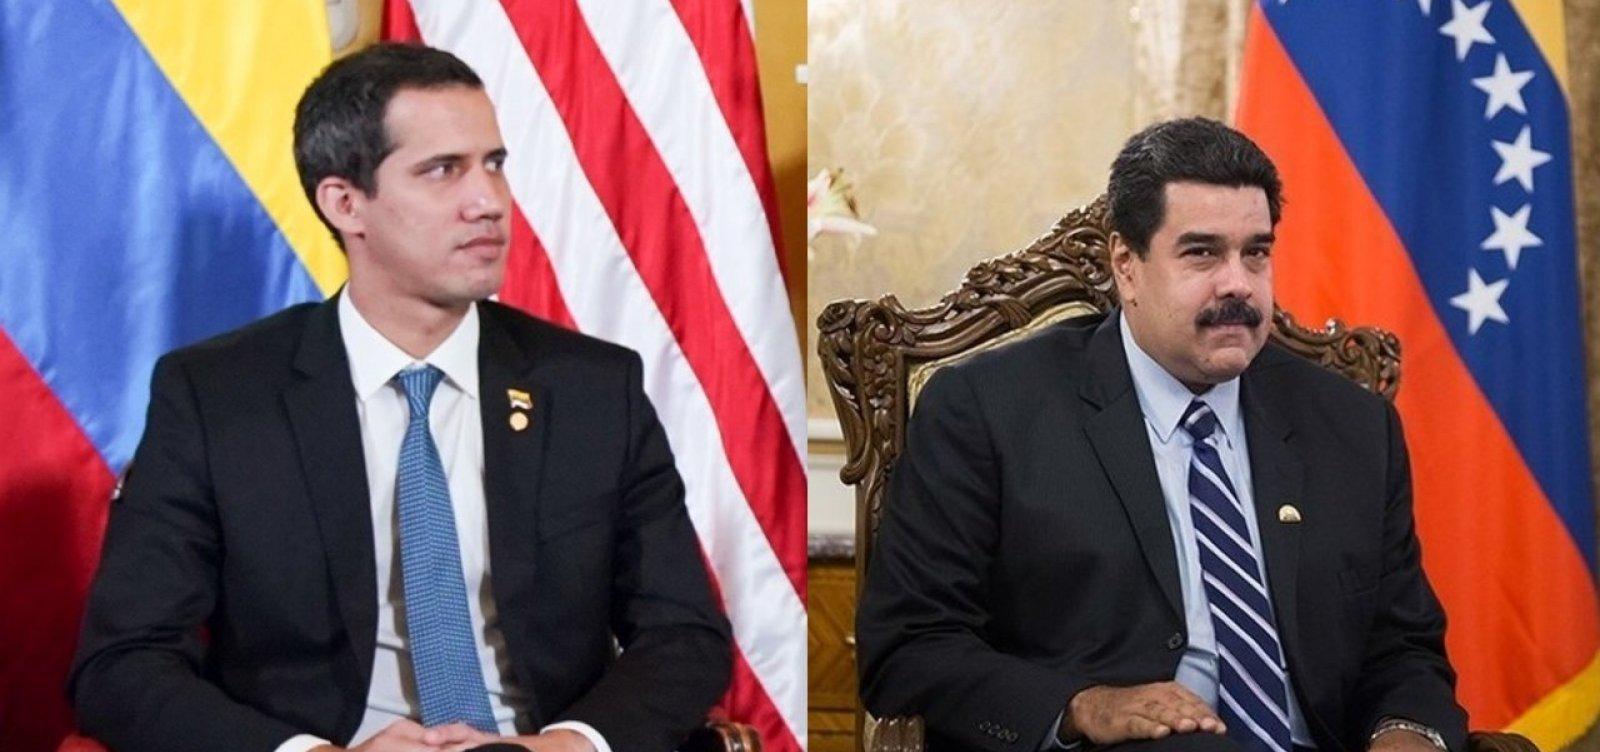 [Encontro entre representantes da Venezuela em Oslo termina sem acordo]